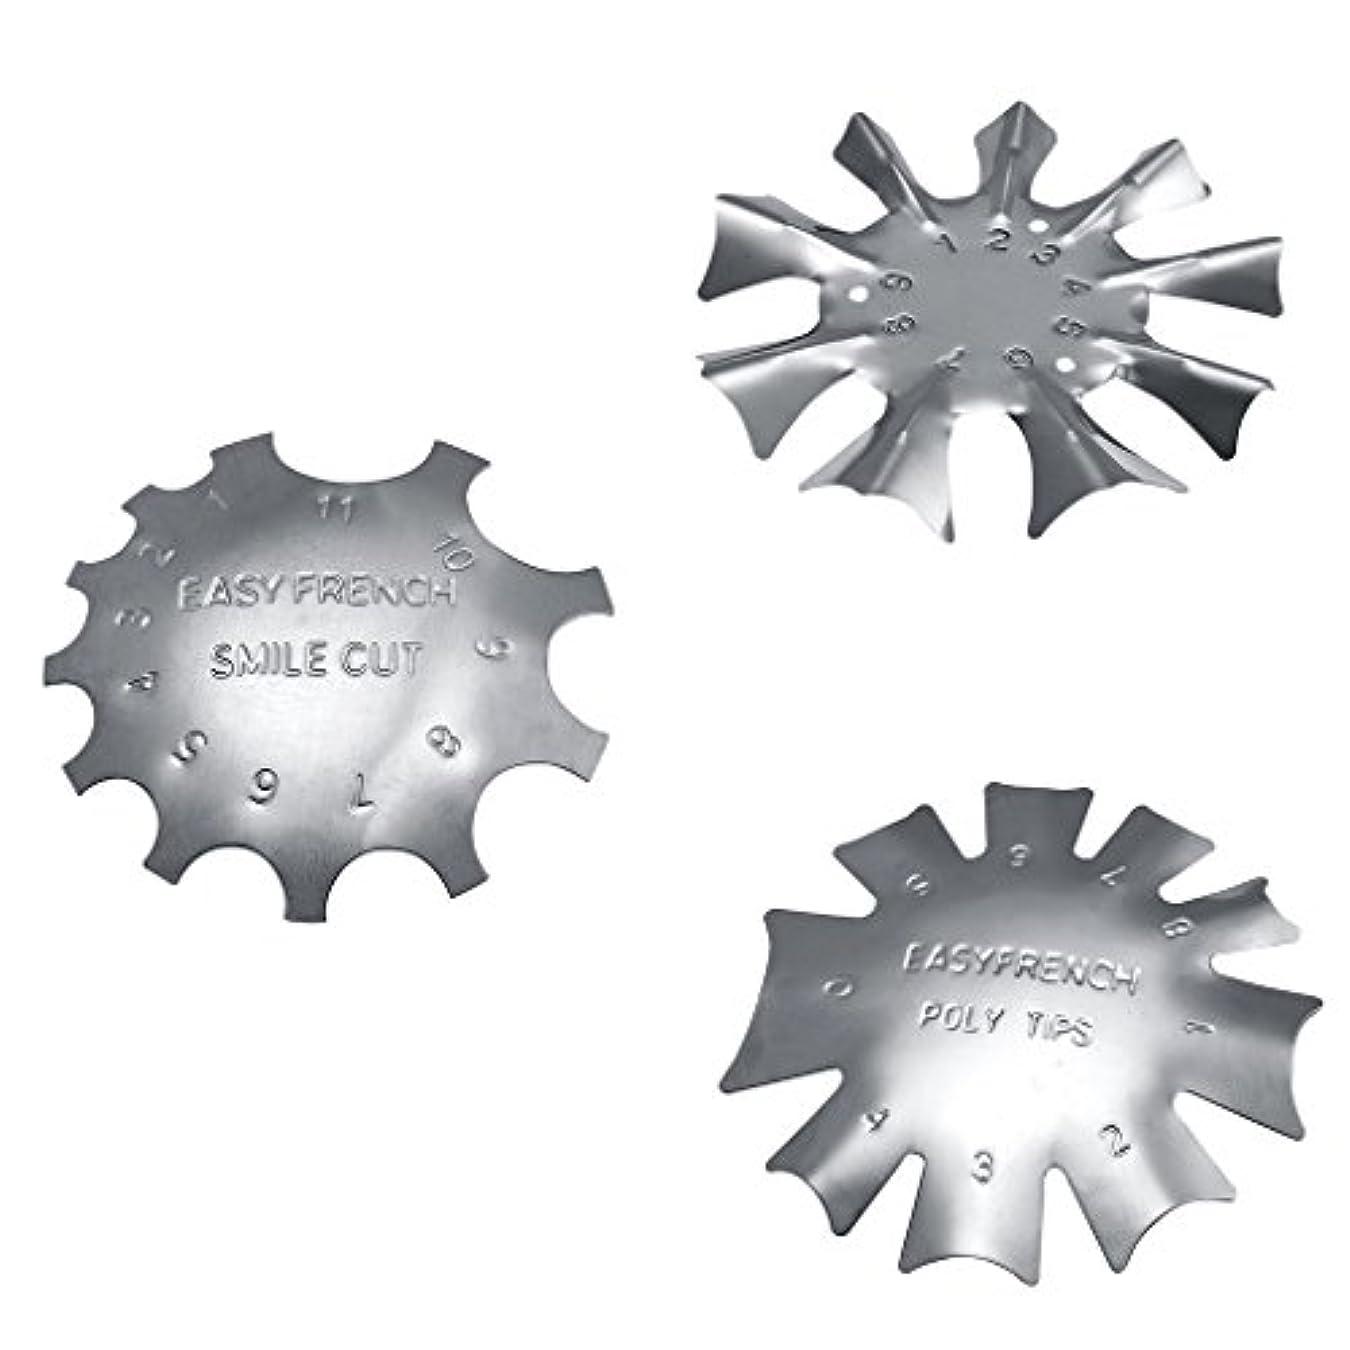 打ち負かすほうき応答Perfk フランス風 ネイルガイドツール 3タイプセット ネイルアート カットライントリマー 金属 ネイルテンプレート